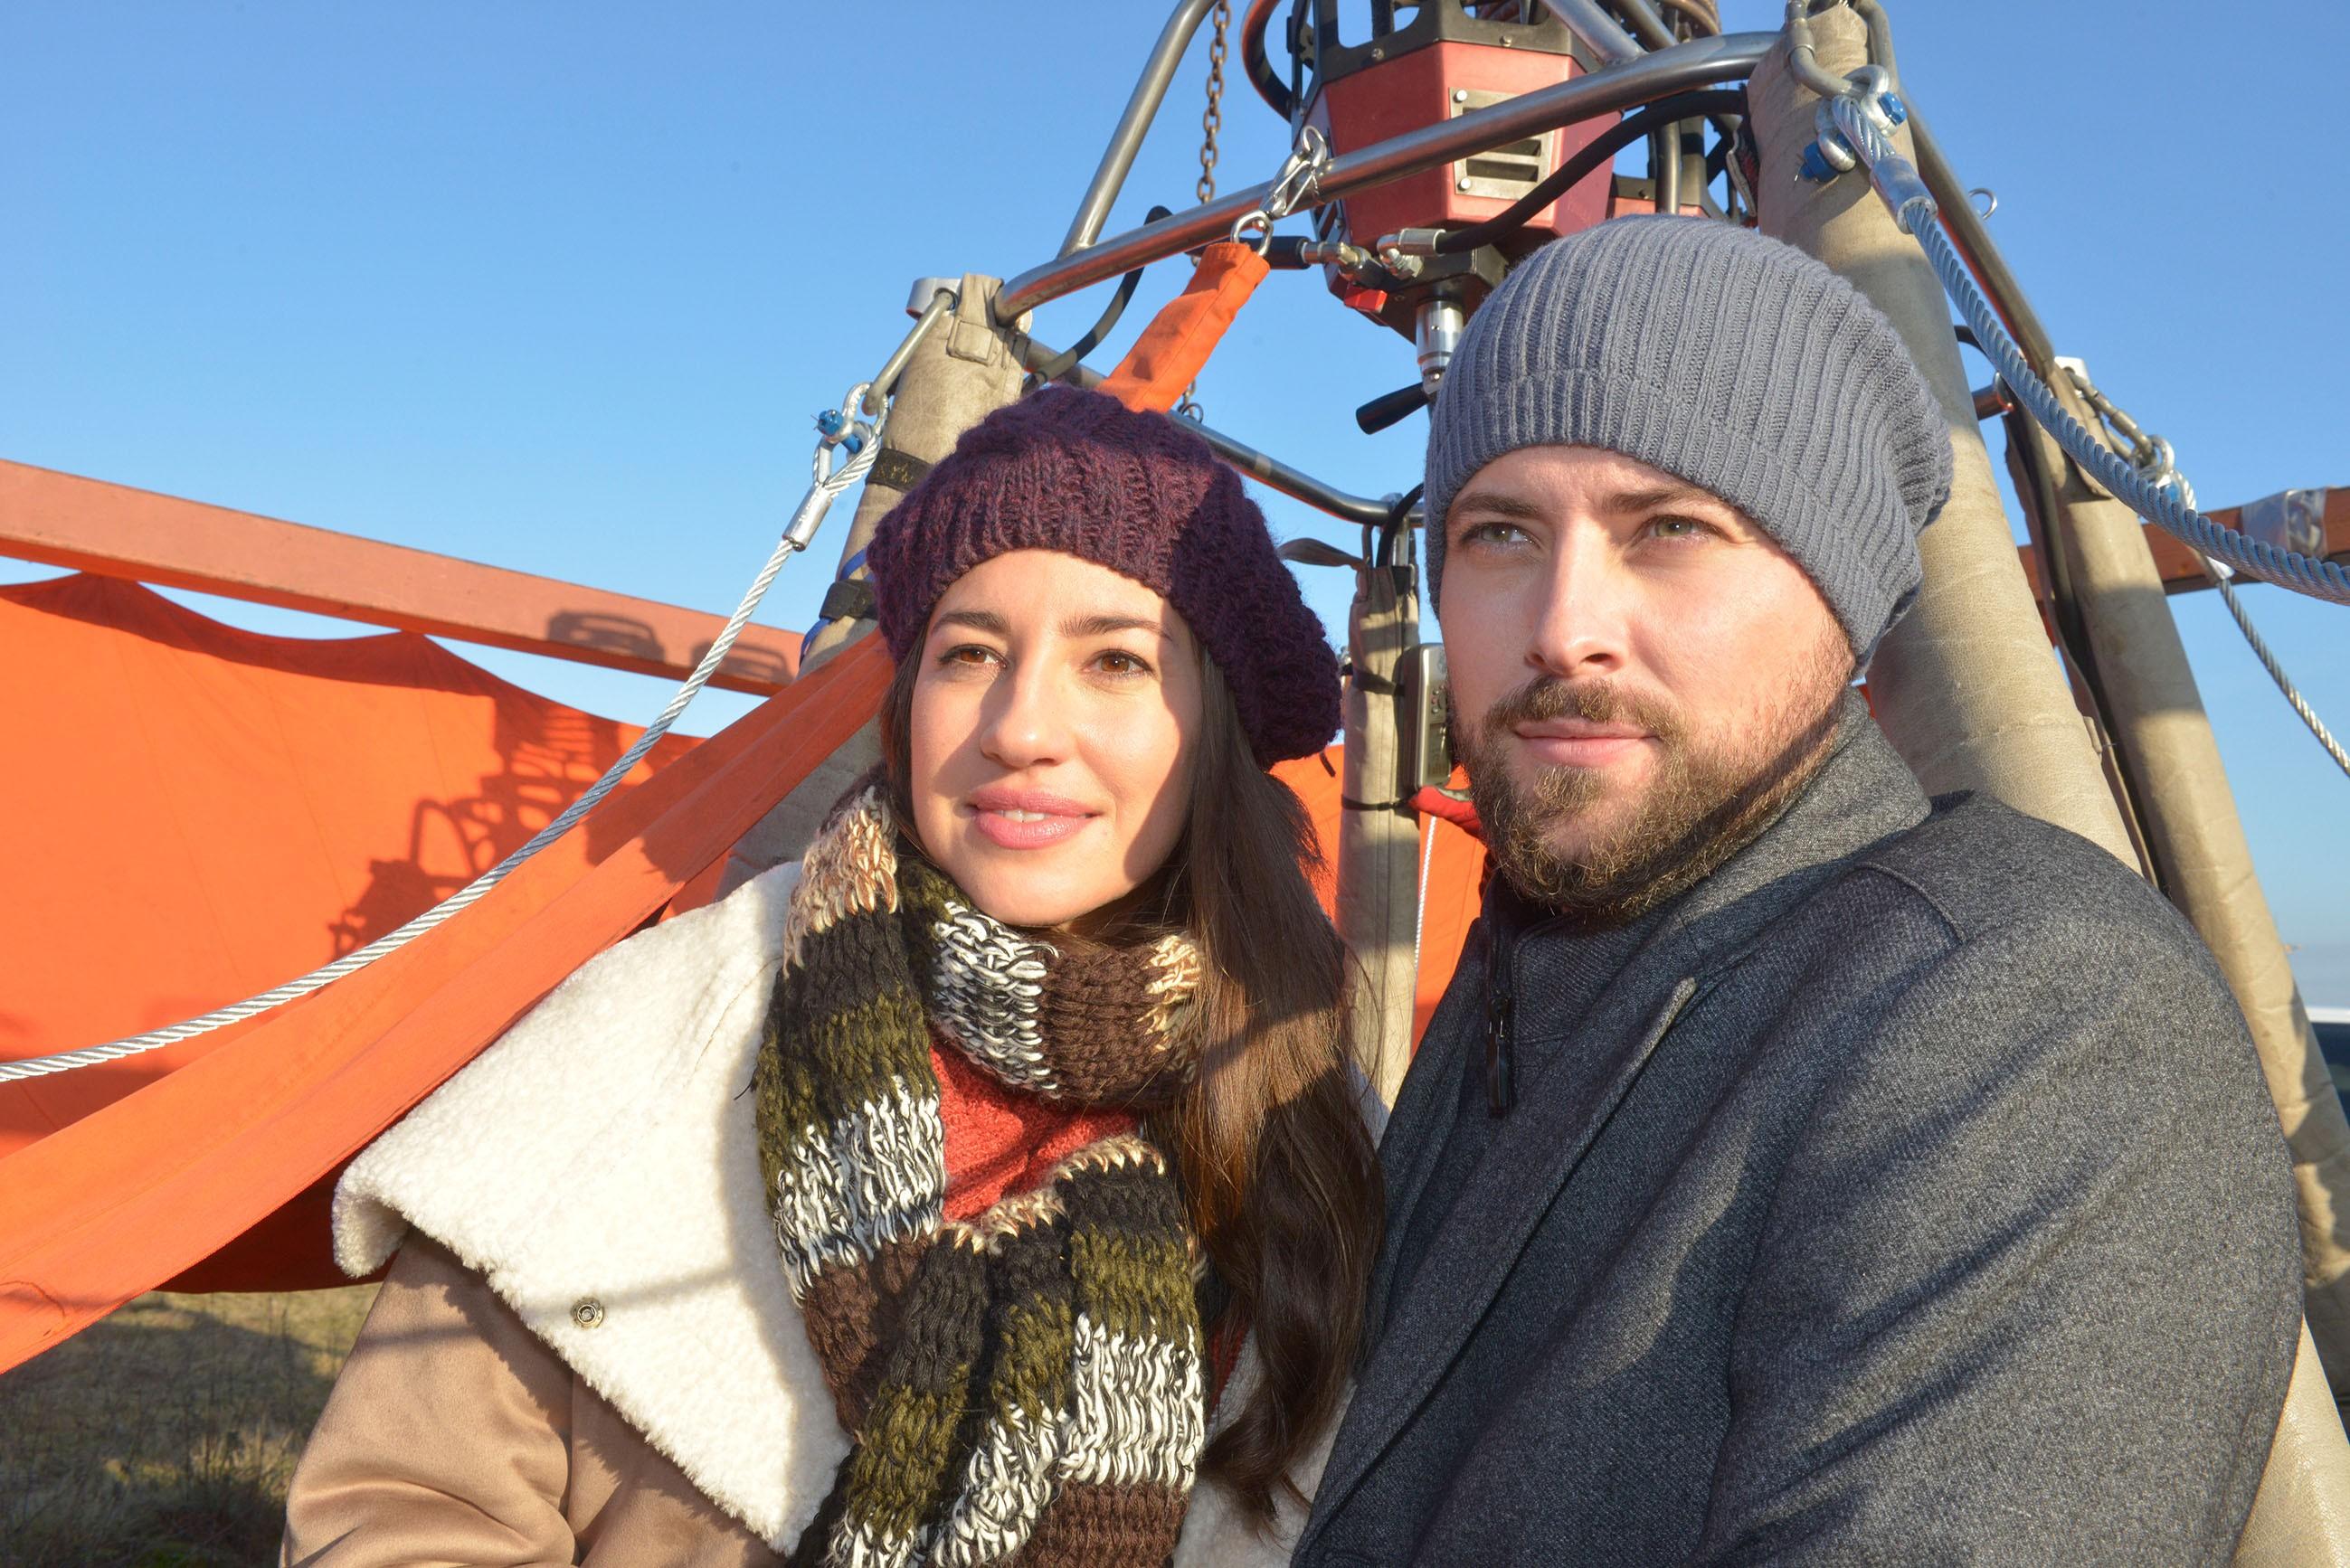 Mit der Ballonfahrt als Überraschung zum Valentinstag hat John (Felix von Jascheroff) Elena (Elena Garcia Gerlach) eine große Freude gemacht.